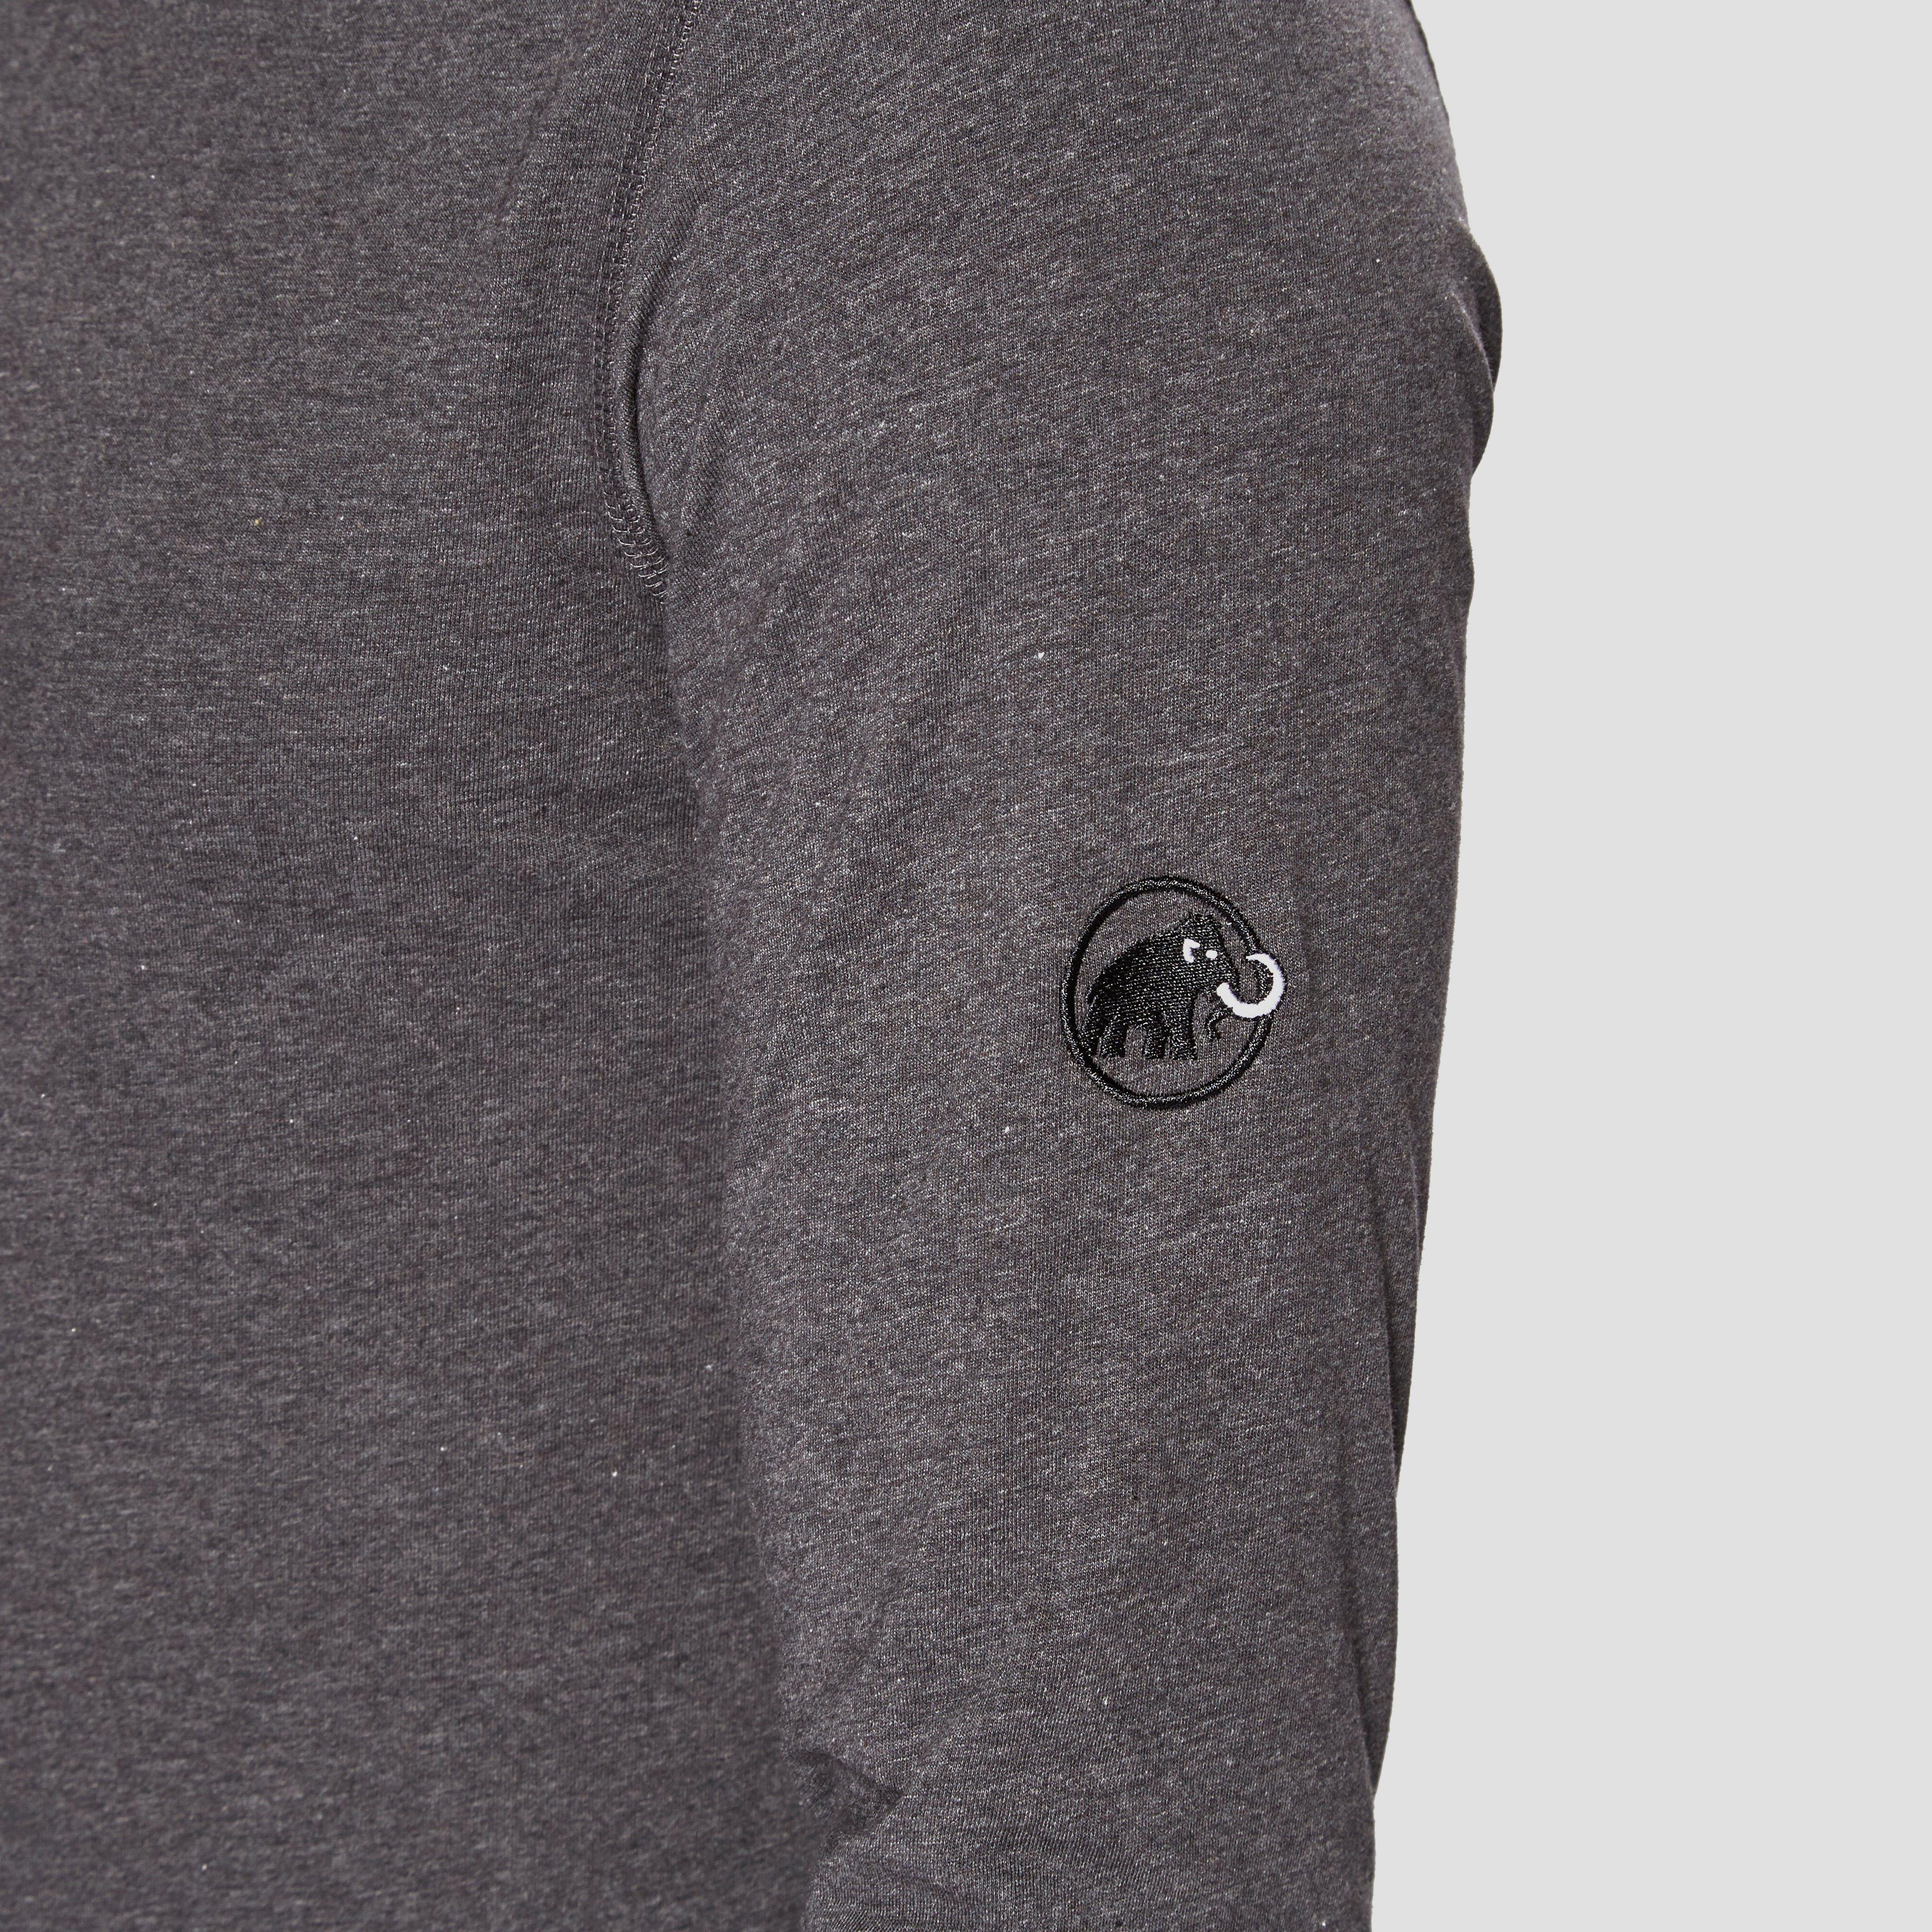 Mammut Men's Logo Long Sleeve Top